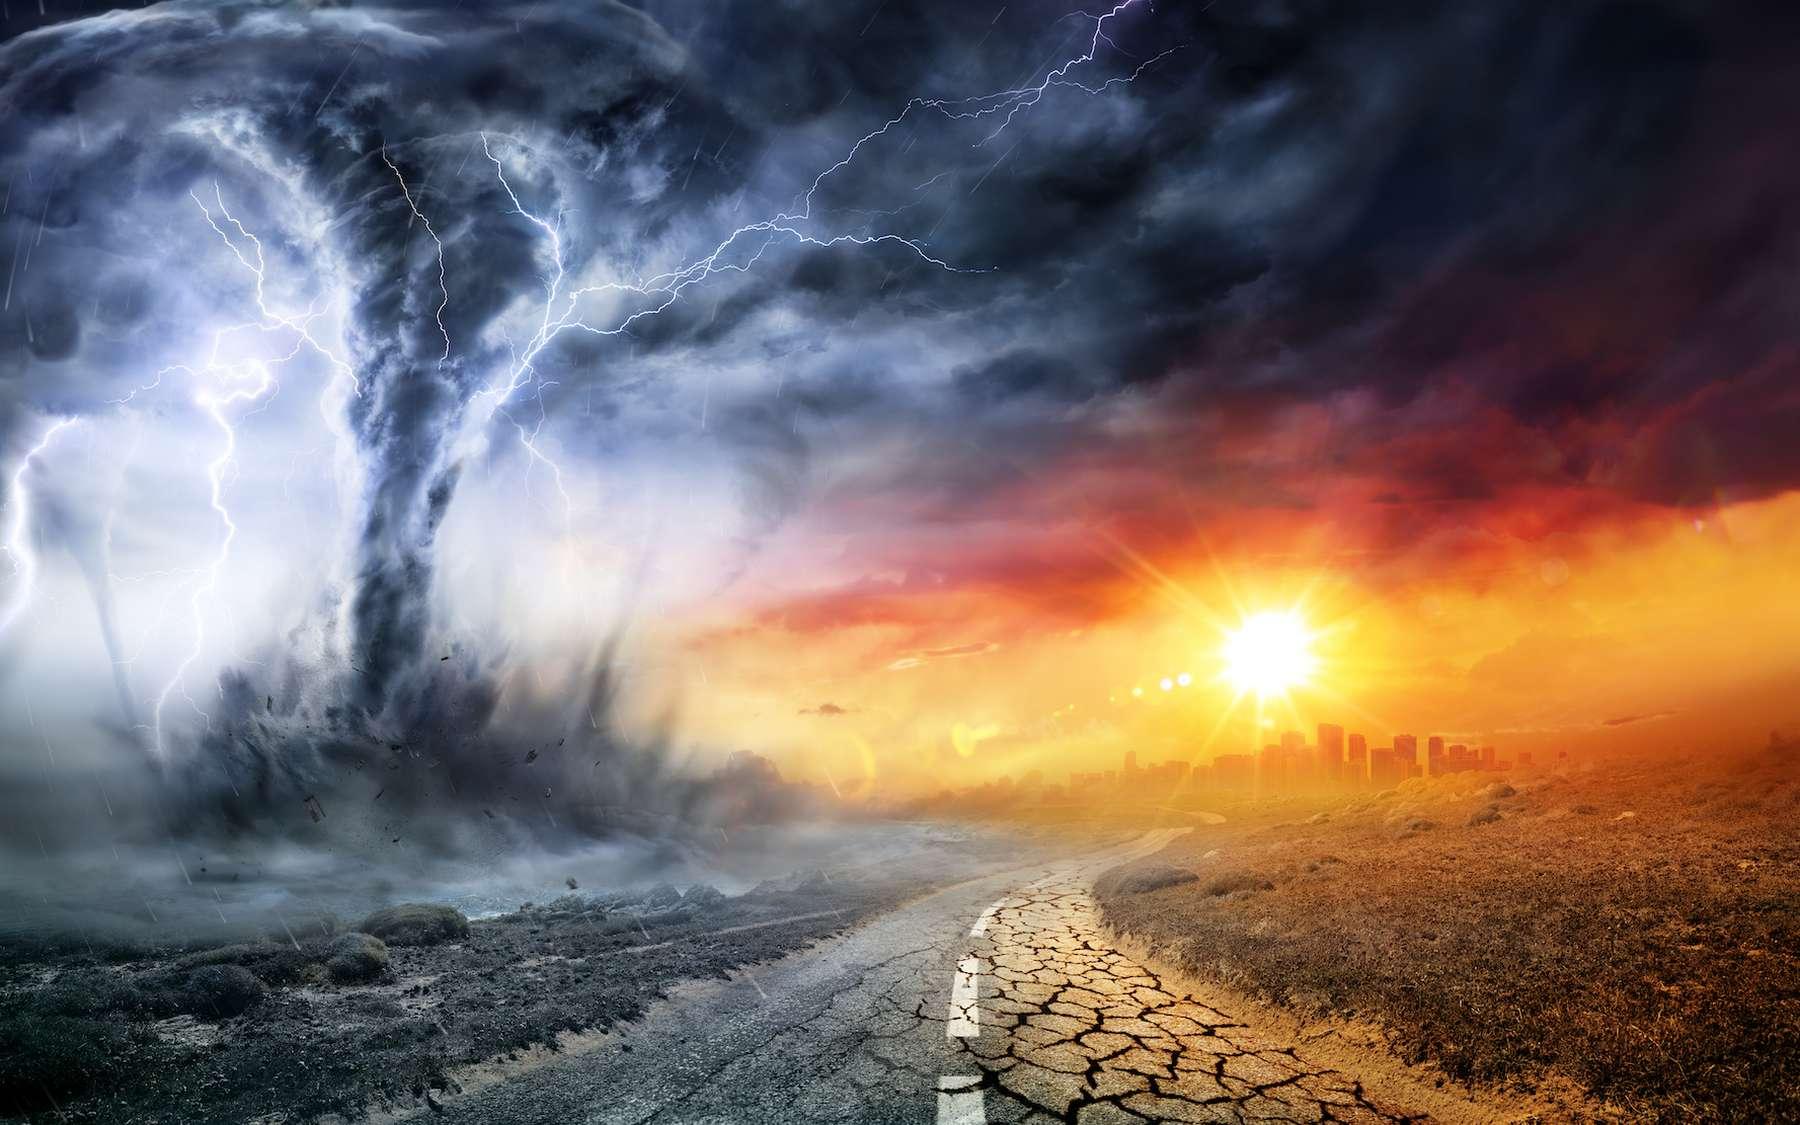 Le réchauffement climatique accroît les phénomènes météorologiques intenses. © Romolo Tavani, Adobe Stock